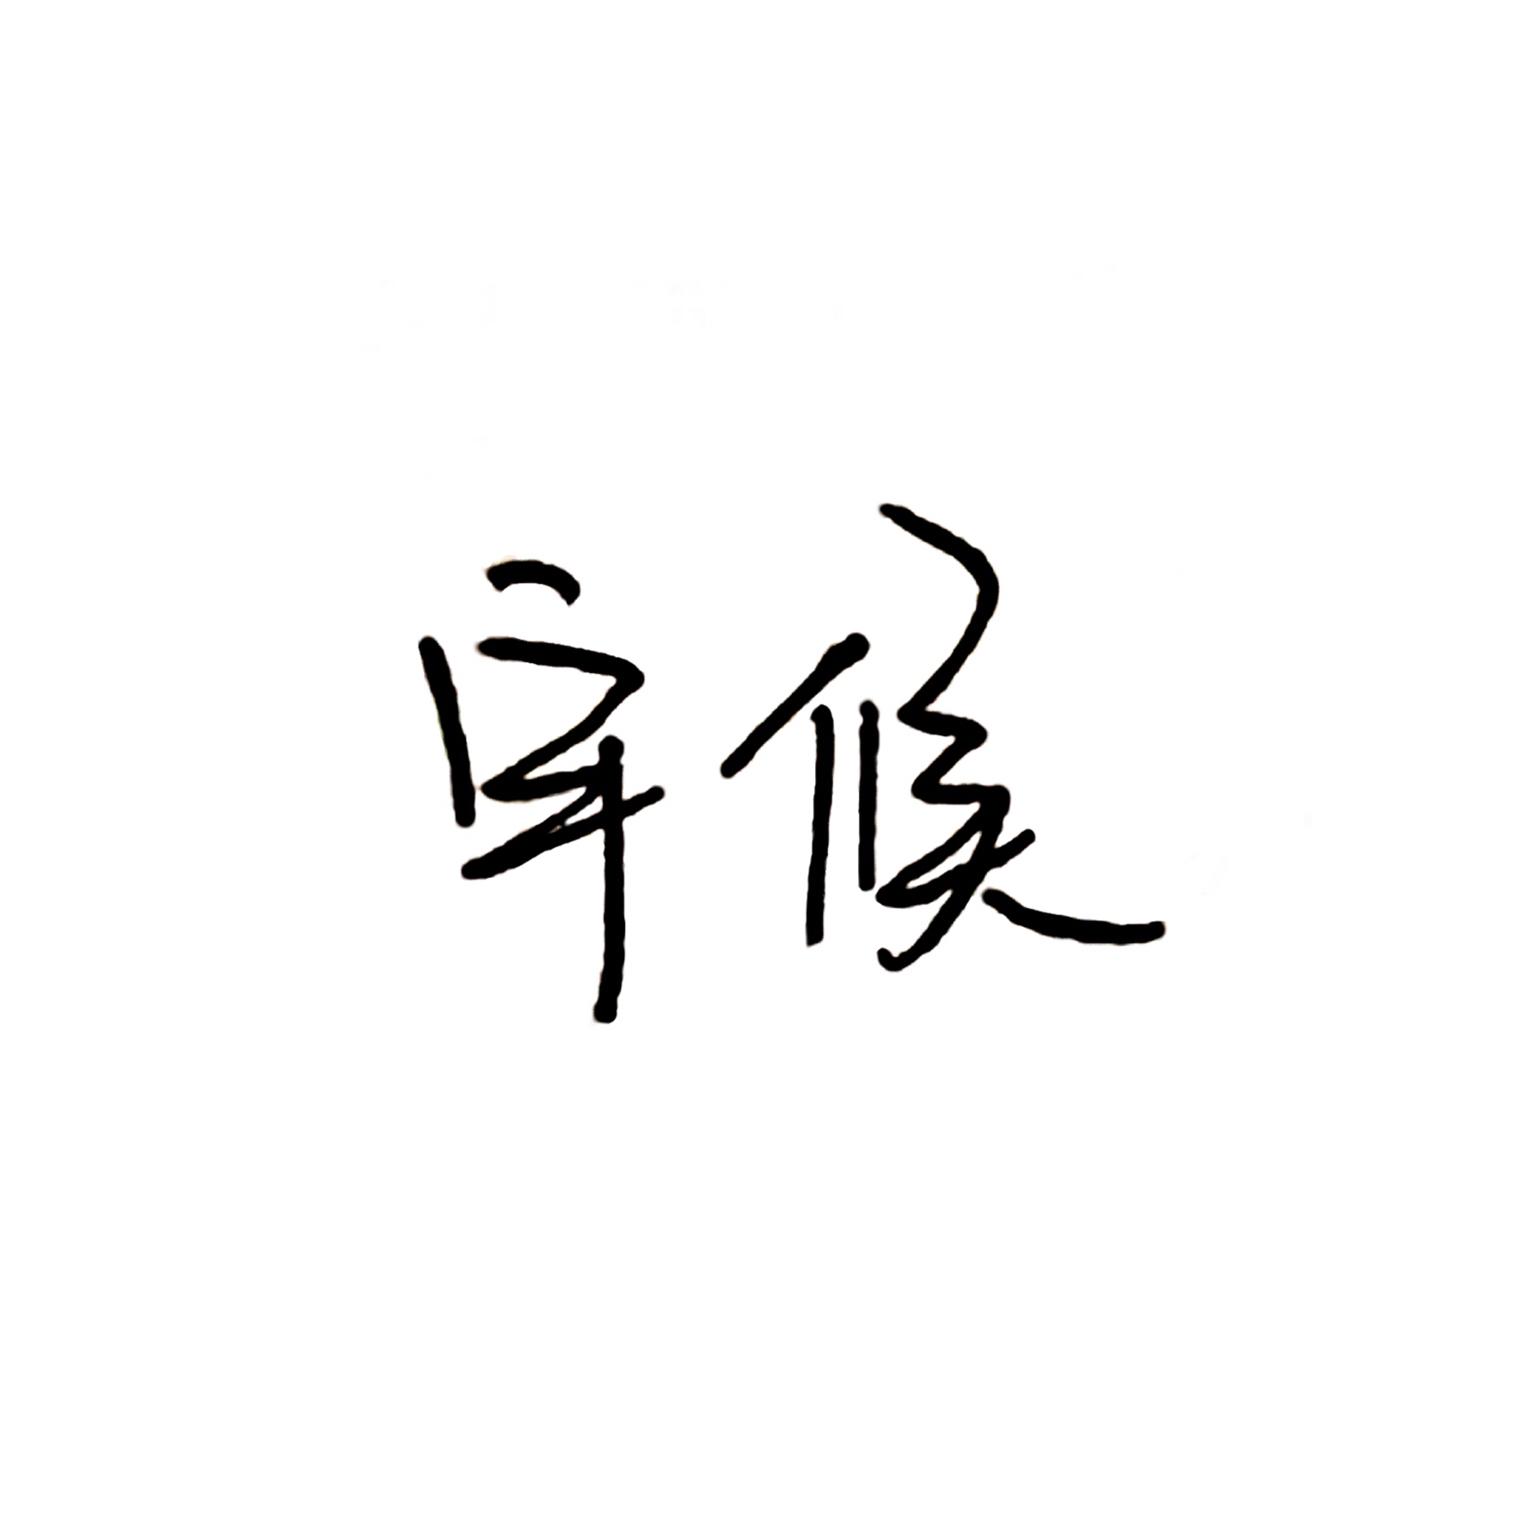 【易烊千玺】20171128生日会-talk+ 你的爱>多视角精剪【守候站】